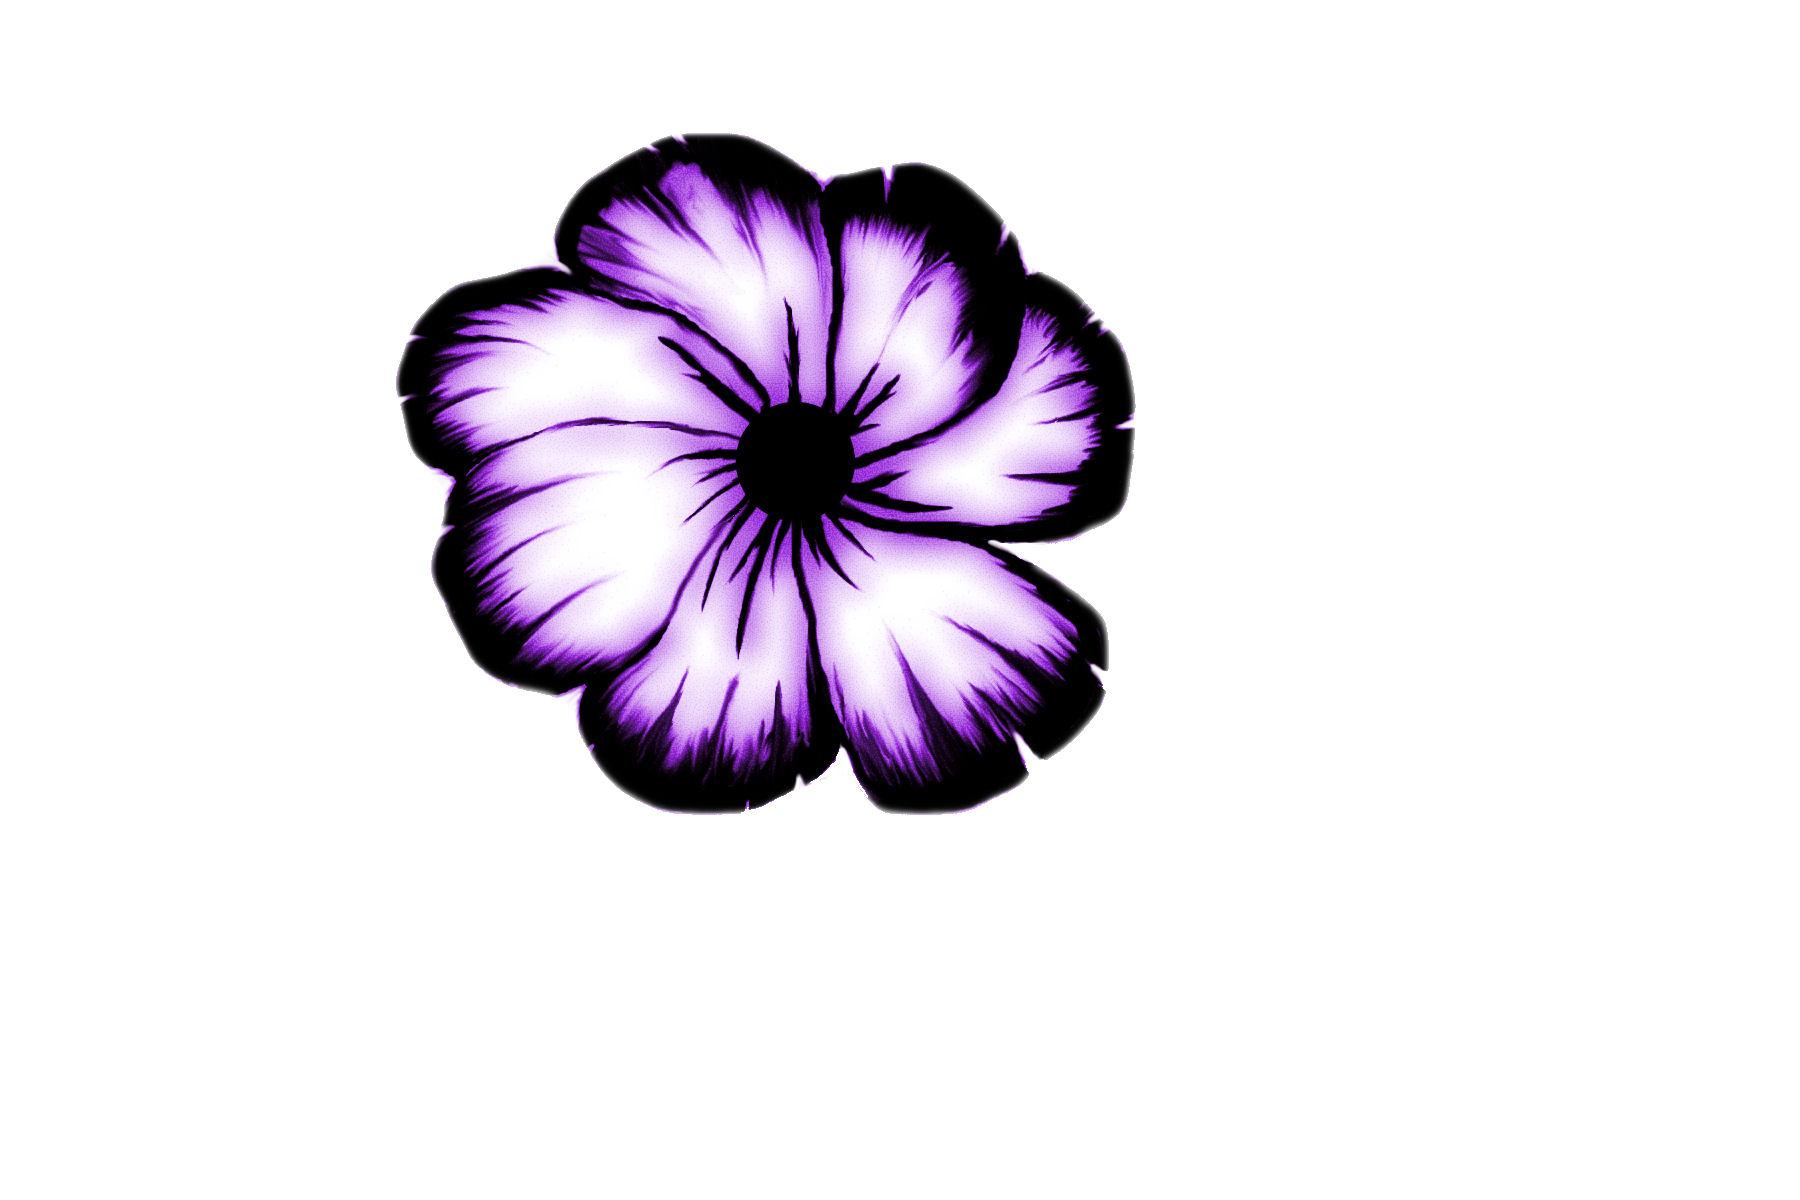 Flower by Noseneighbor on DeviantArt